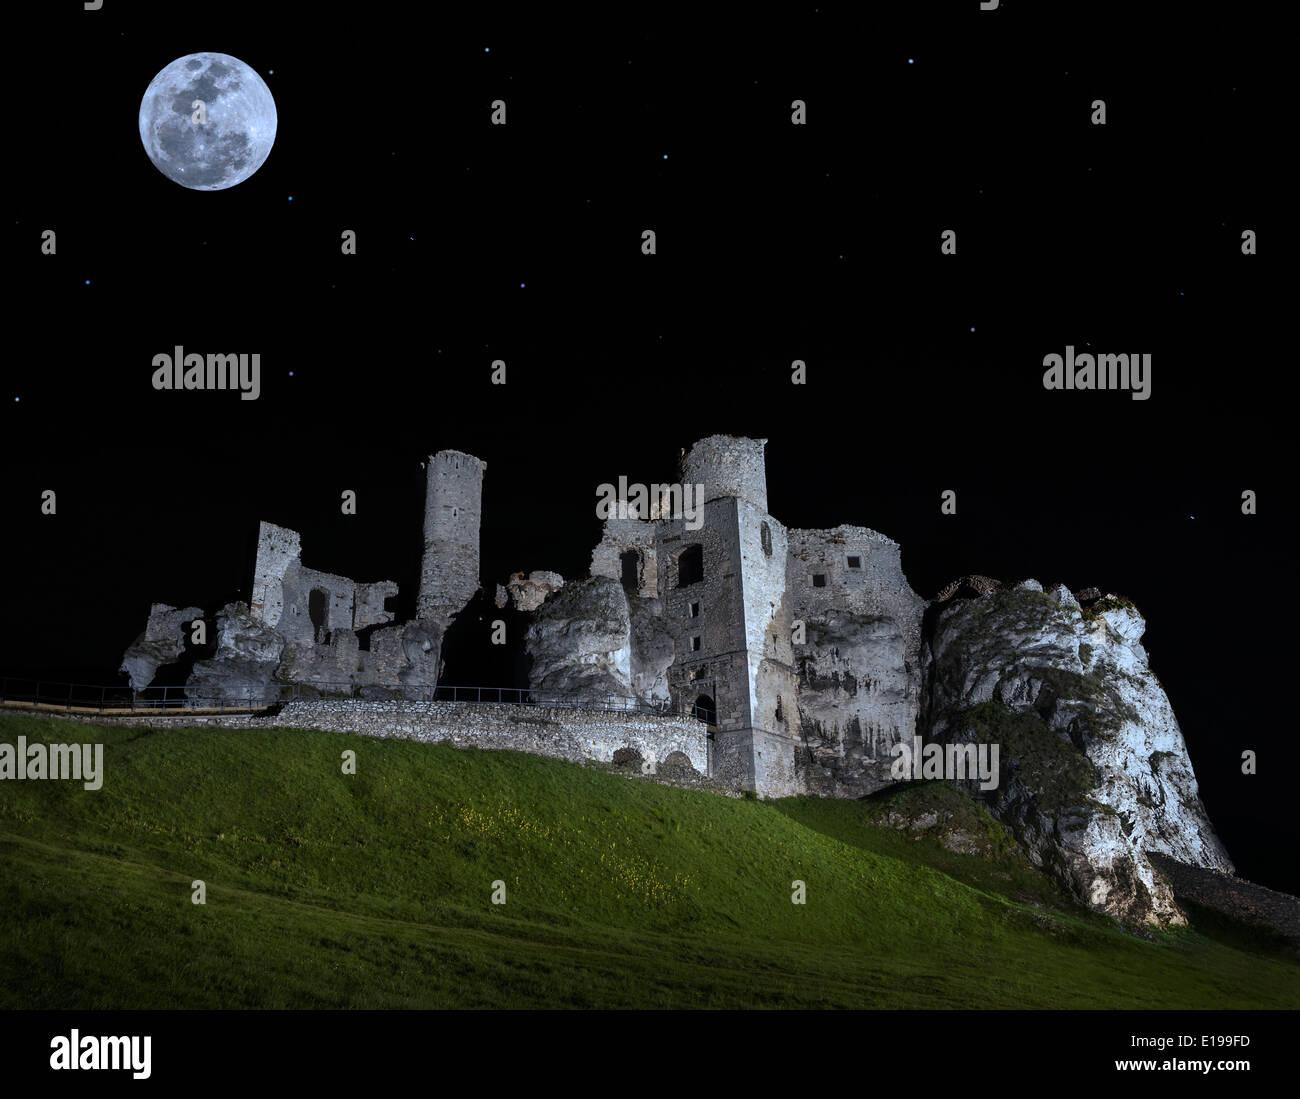 Luna llena por encima de las ruinas del castillo, Ogrodzieniec, Polonia. Imagen De Stock